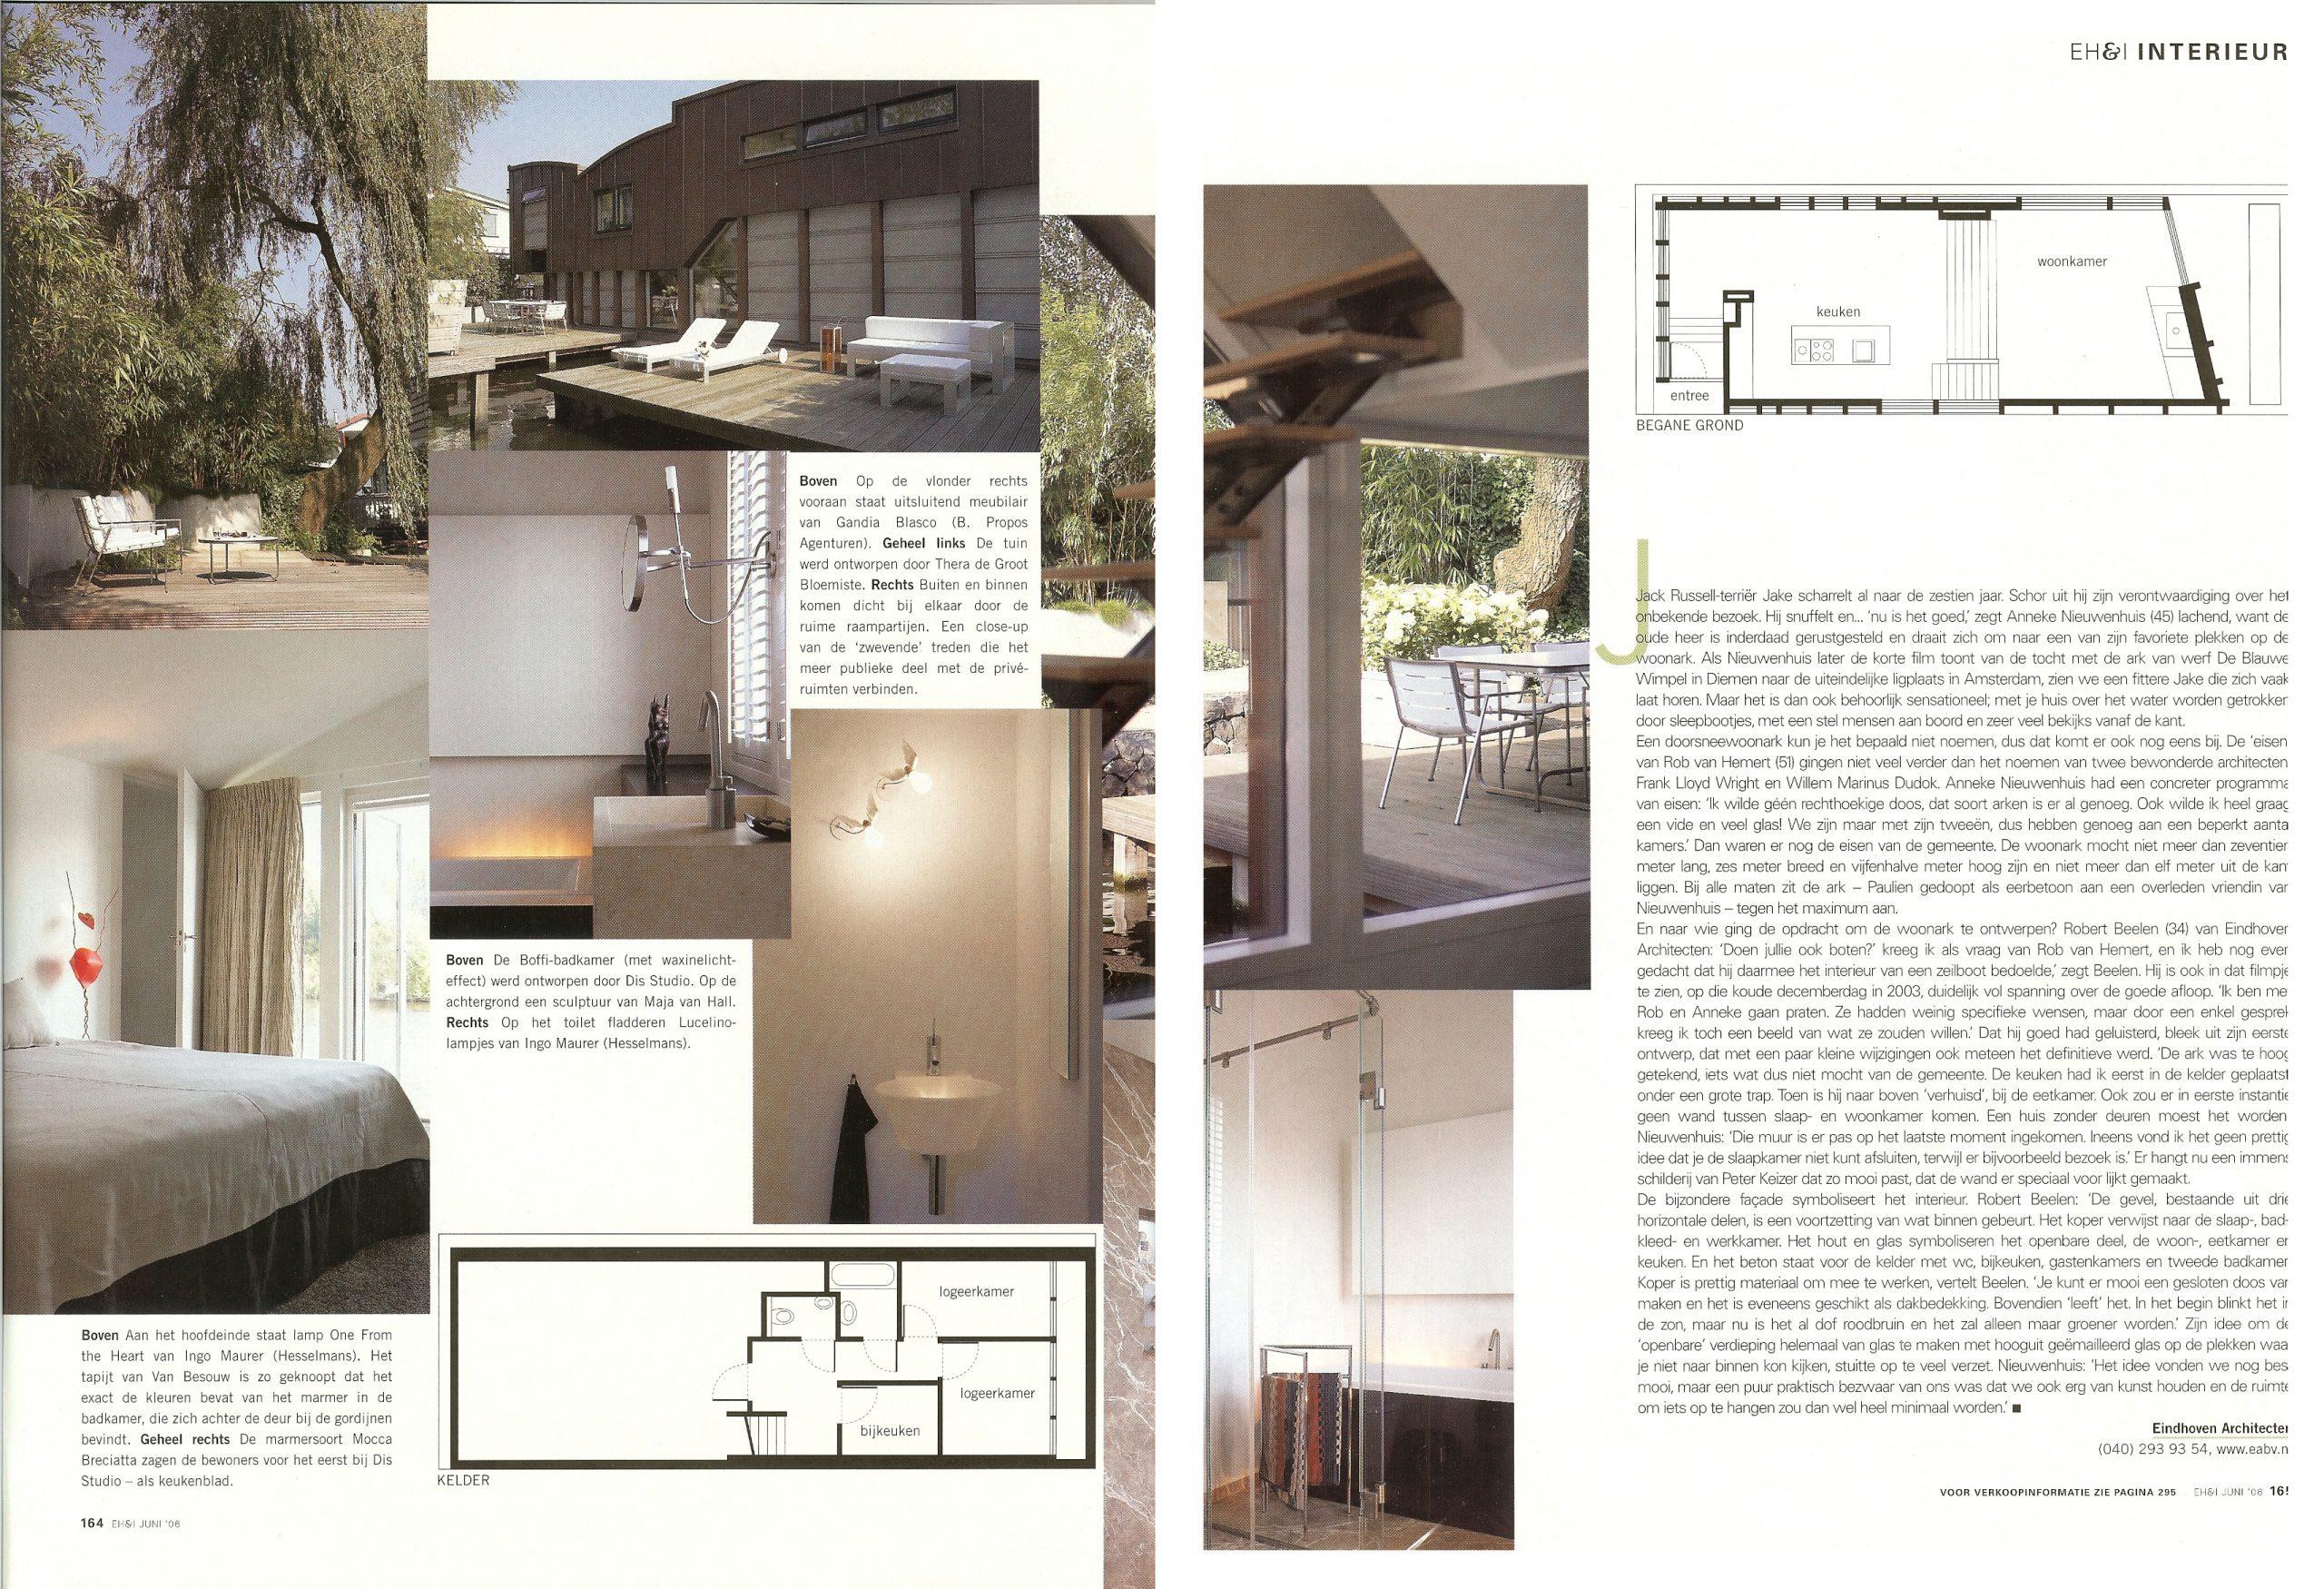 publicatie EigenHuis & Interieur Woonboot in Amsterdam doorBEELEN CS architecten bv p164-165